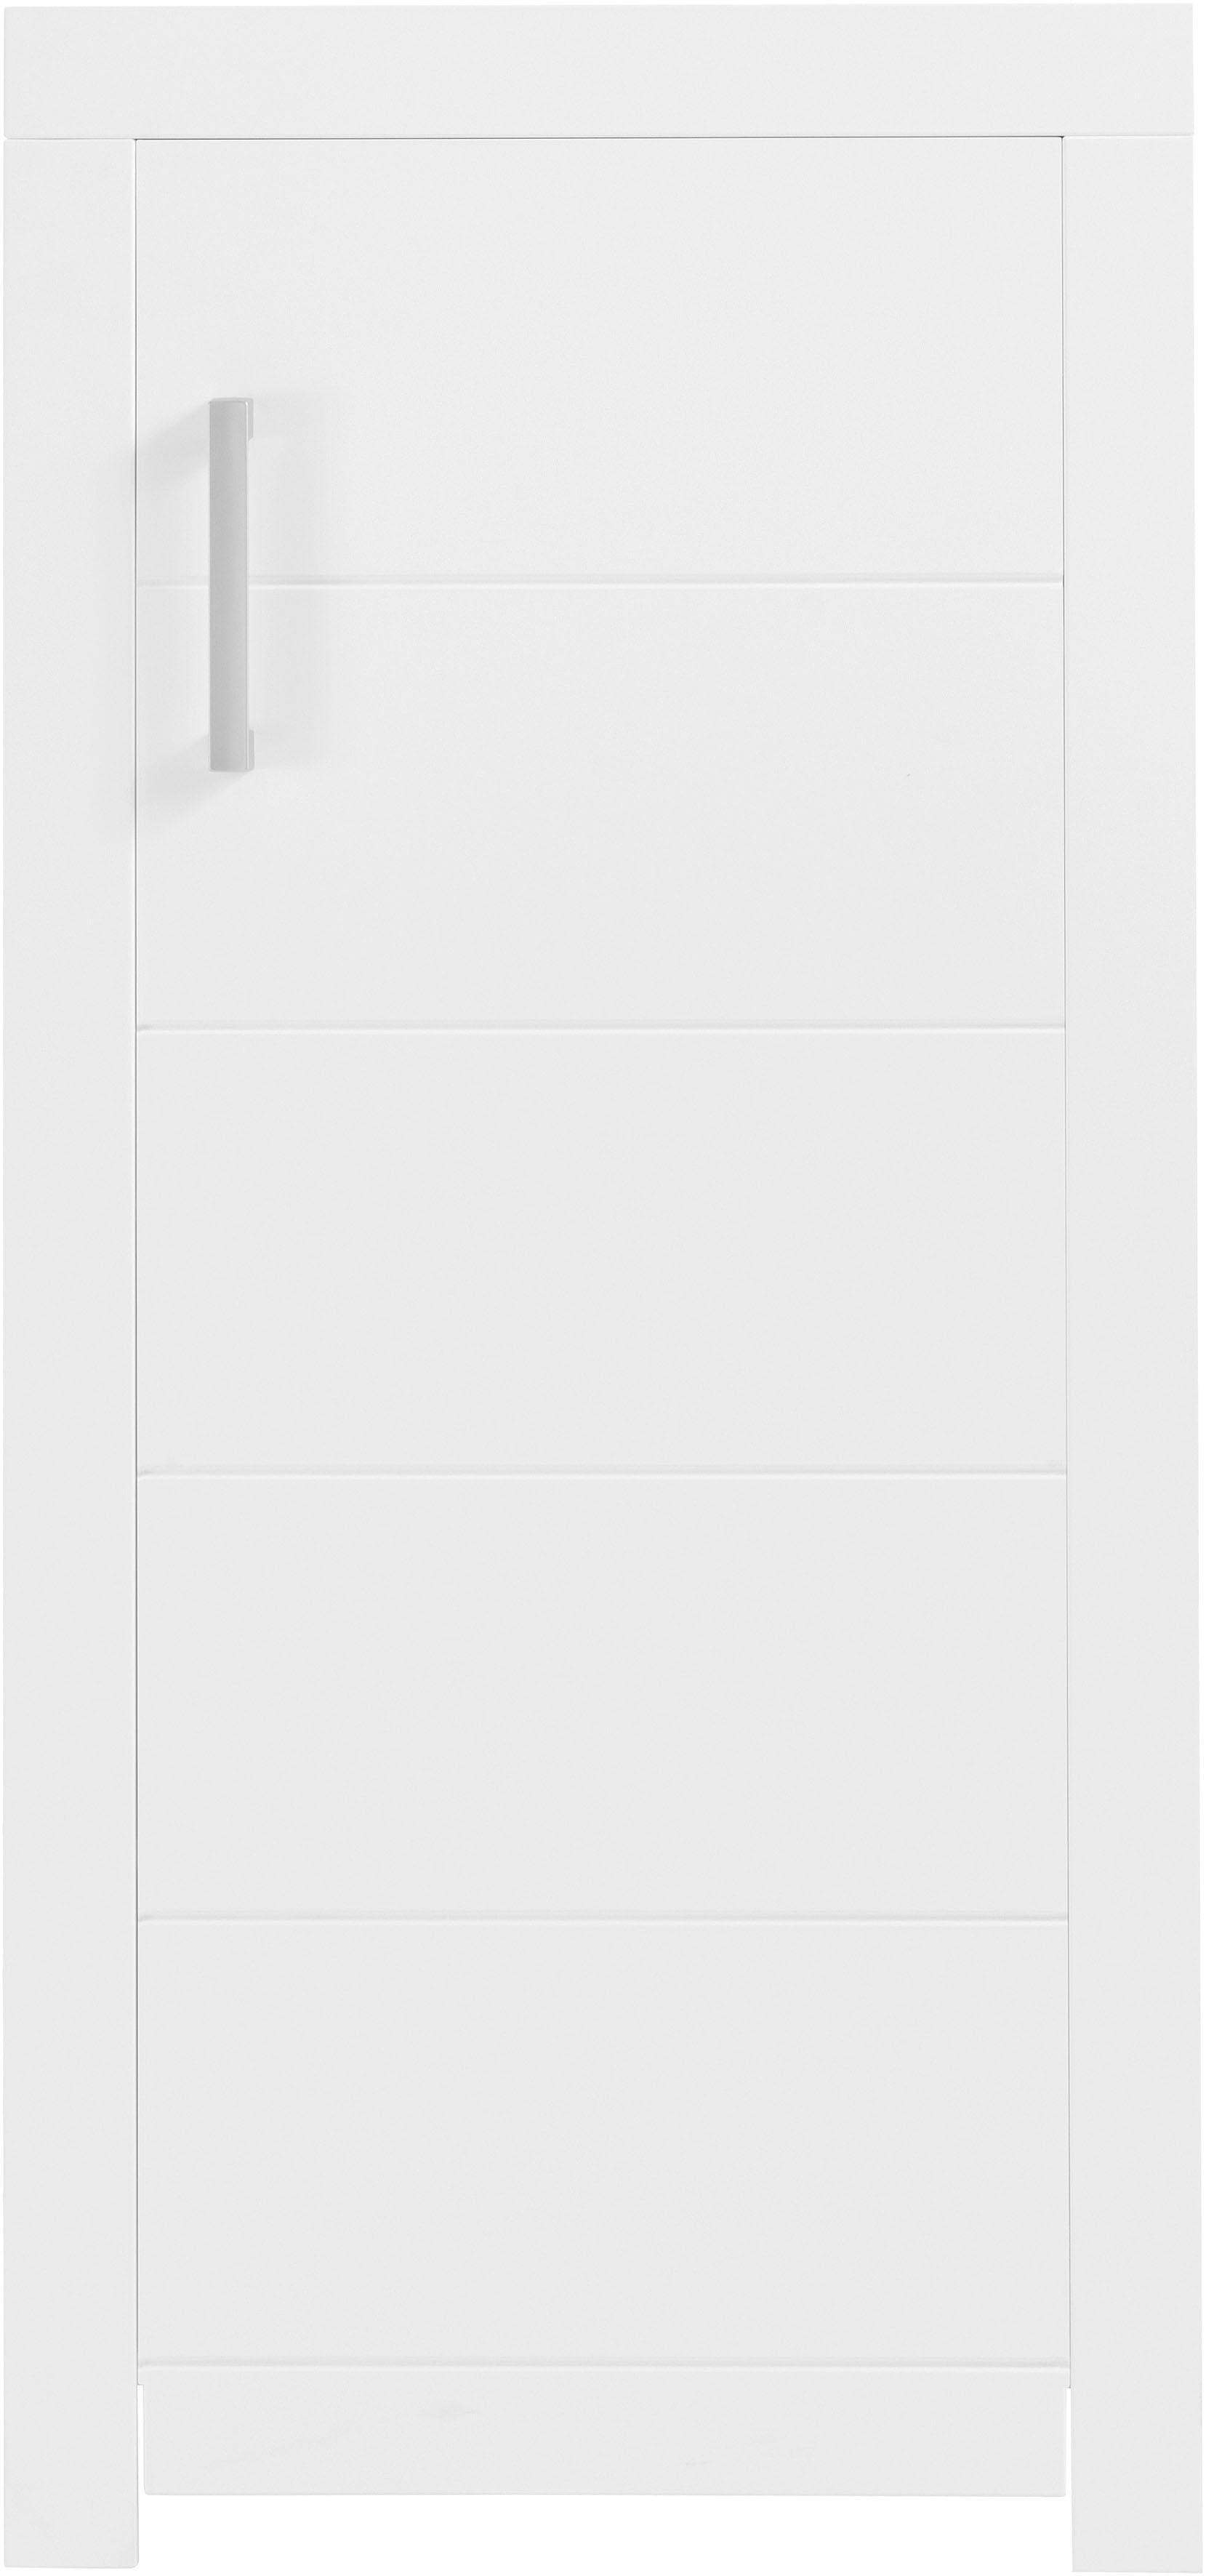 Stauraumschrank-Allzweck-Schrank-Inosign-Damenmode-Overalls-Dielenschraenke Indexbild 4